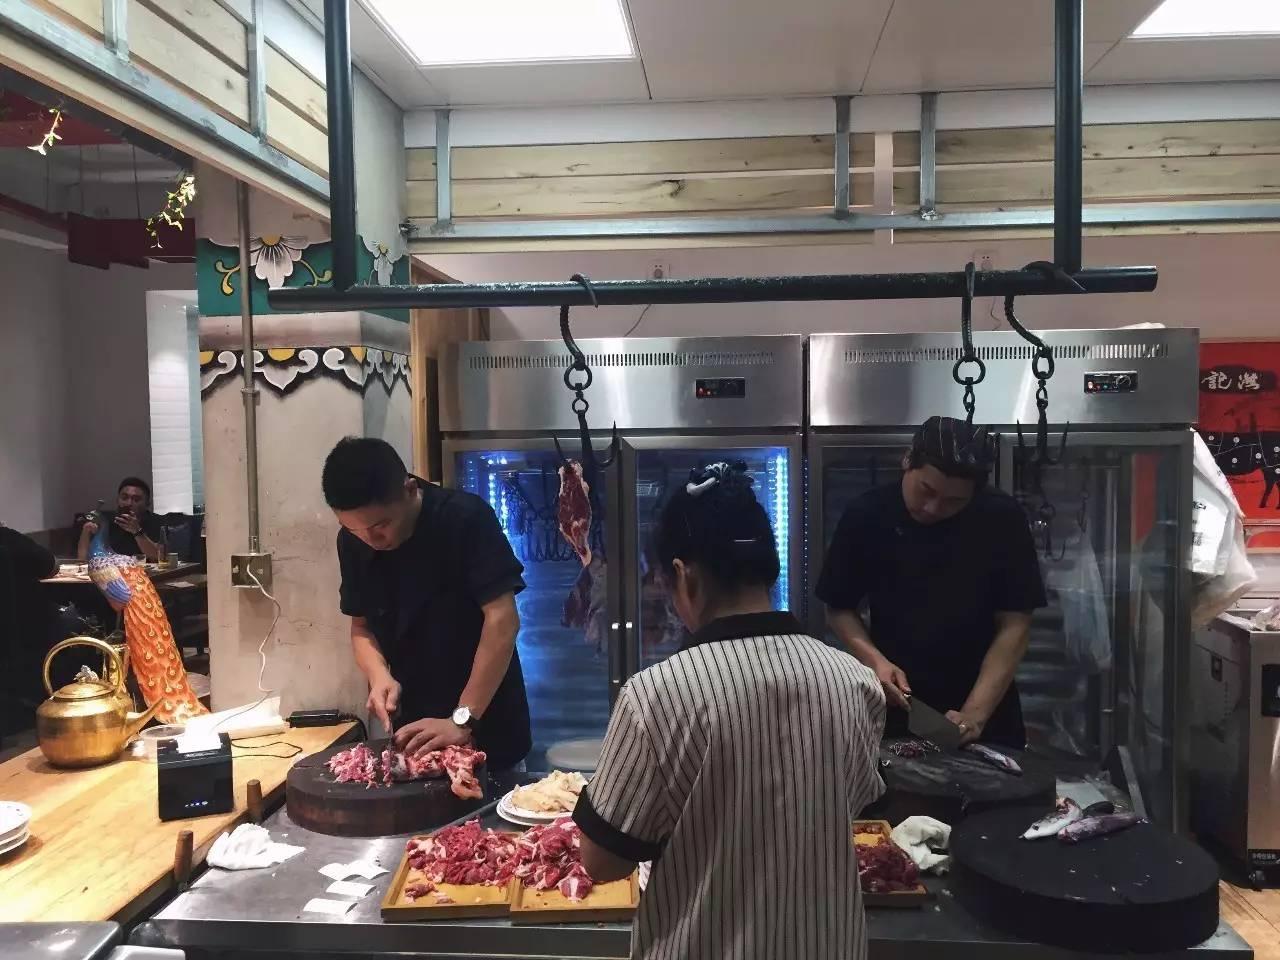 北京吃肉最过瘾的12家餐厅,补元气贴秋膘等你来!